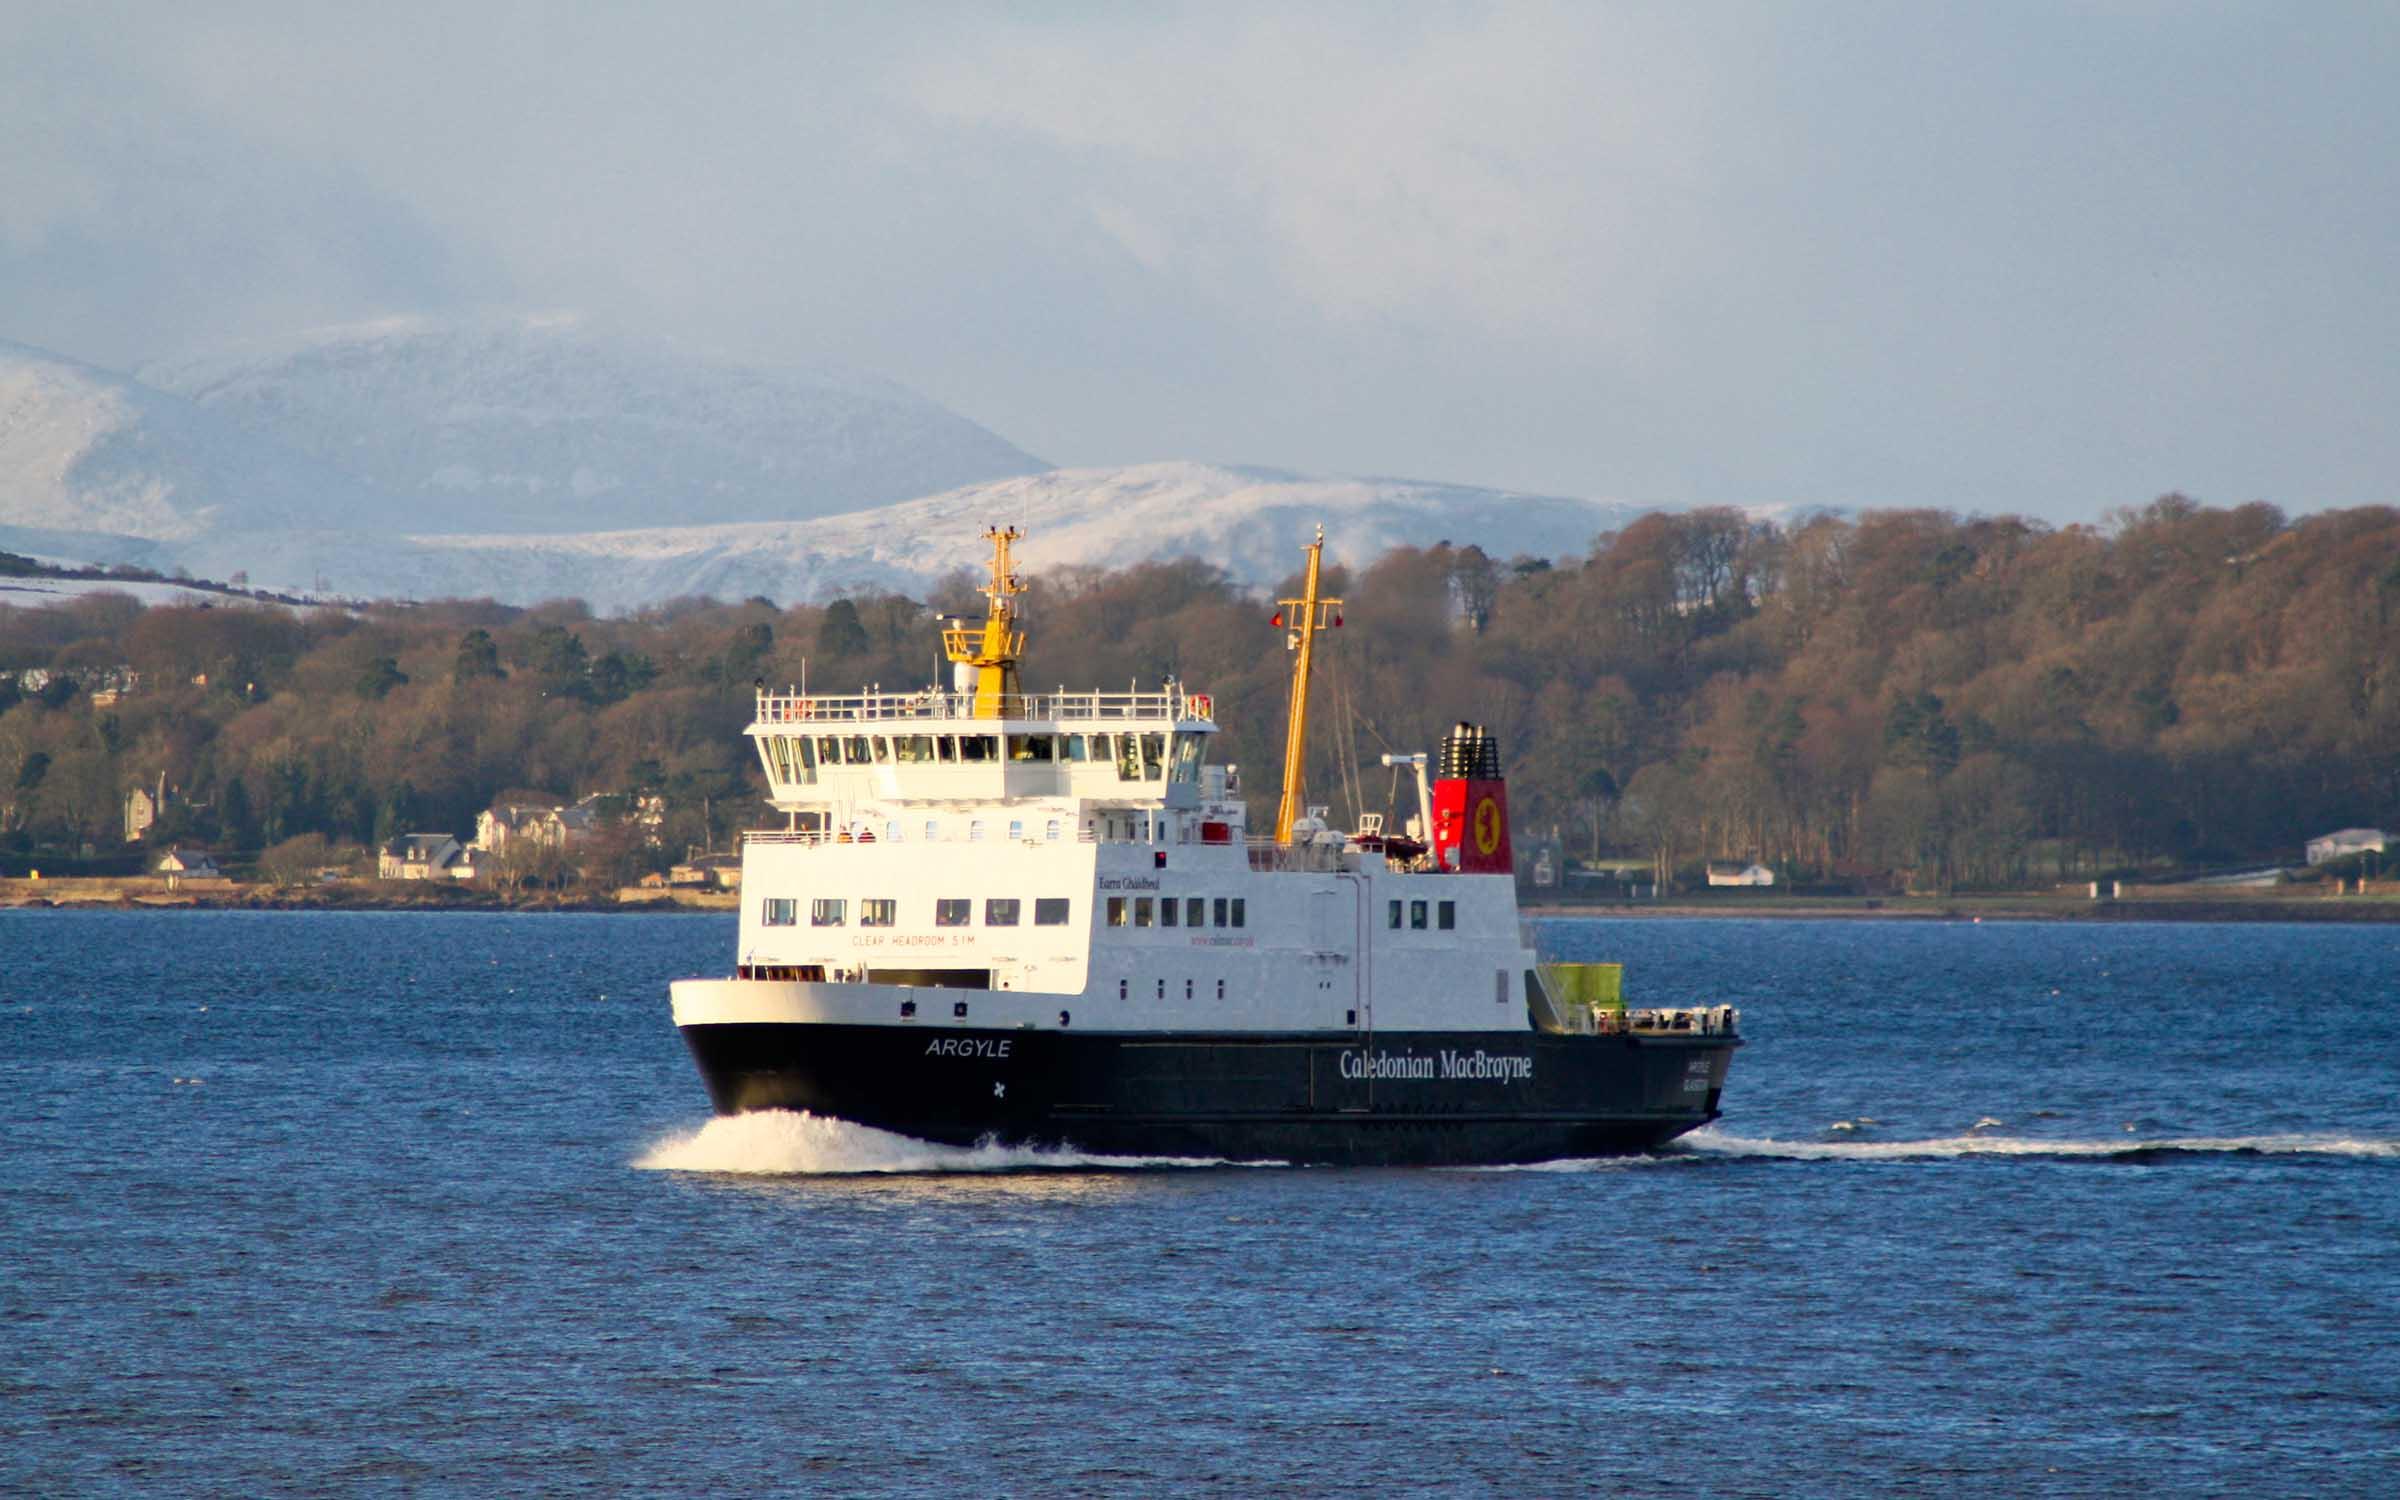 Argyle crossing the Clyde (Ships of CalMac)